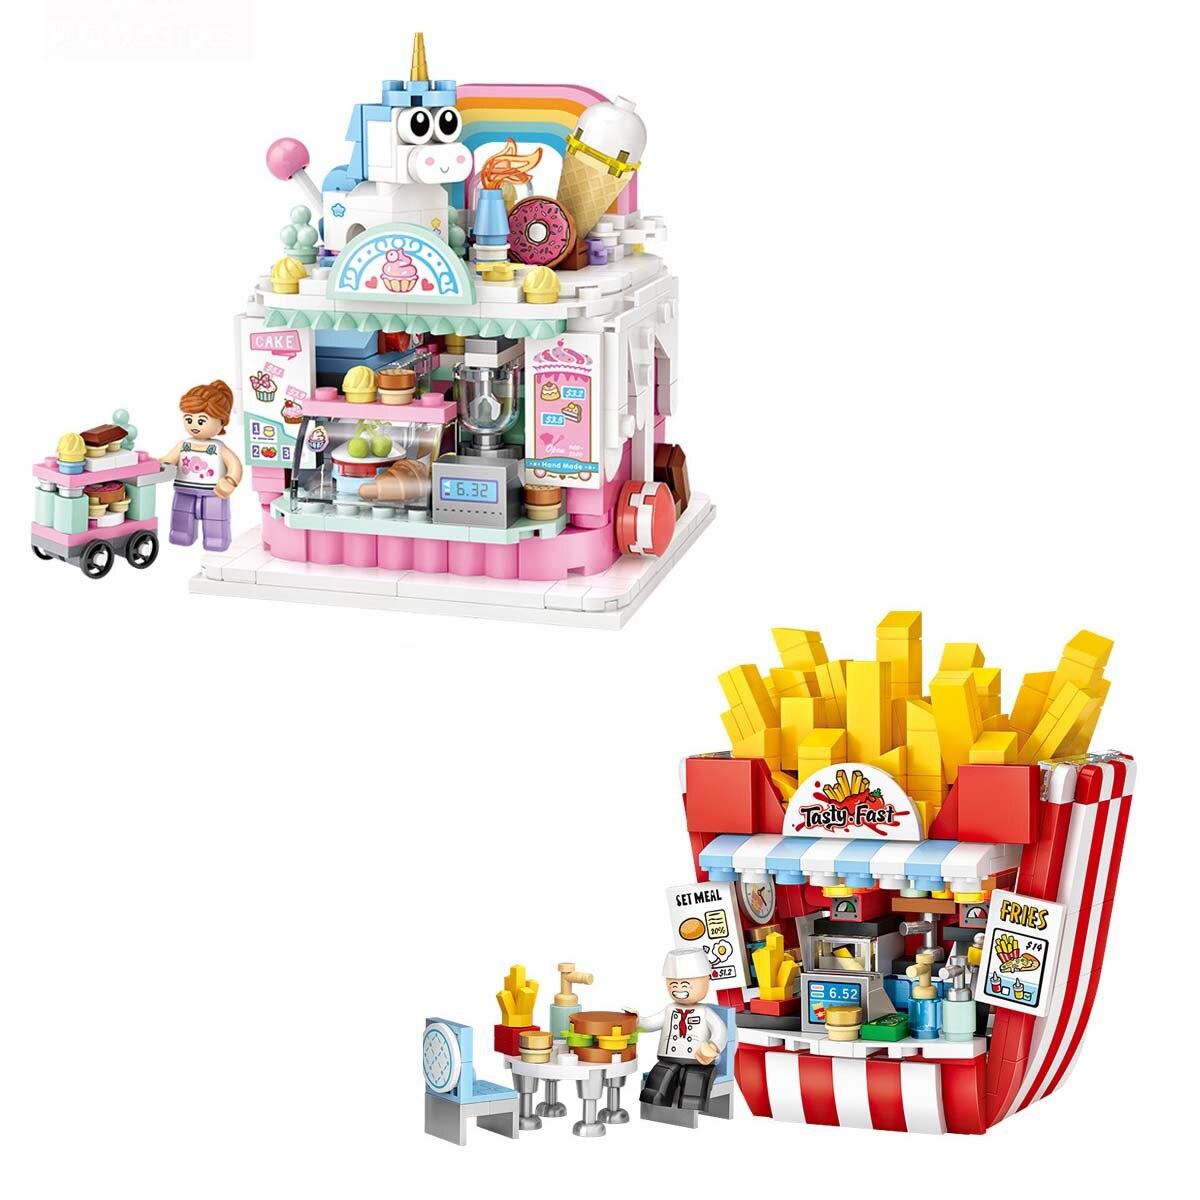 Loz мини строительные блоки, собранные уличные игрушки, китайский уличный торт, фри, игрушки для детей, подарки